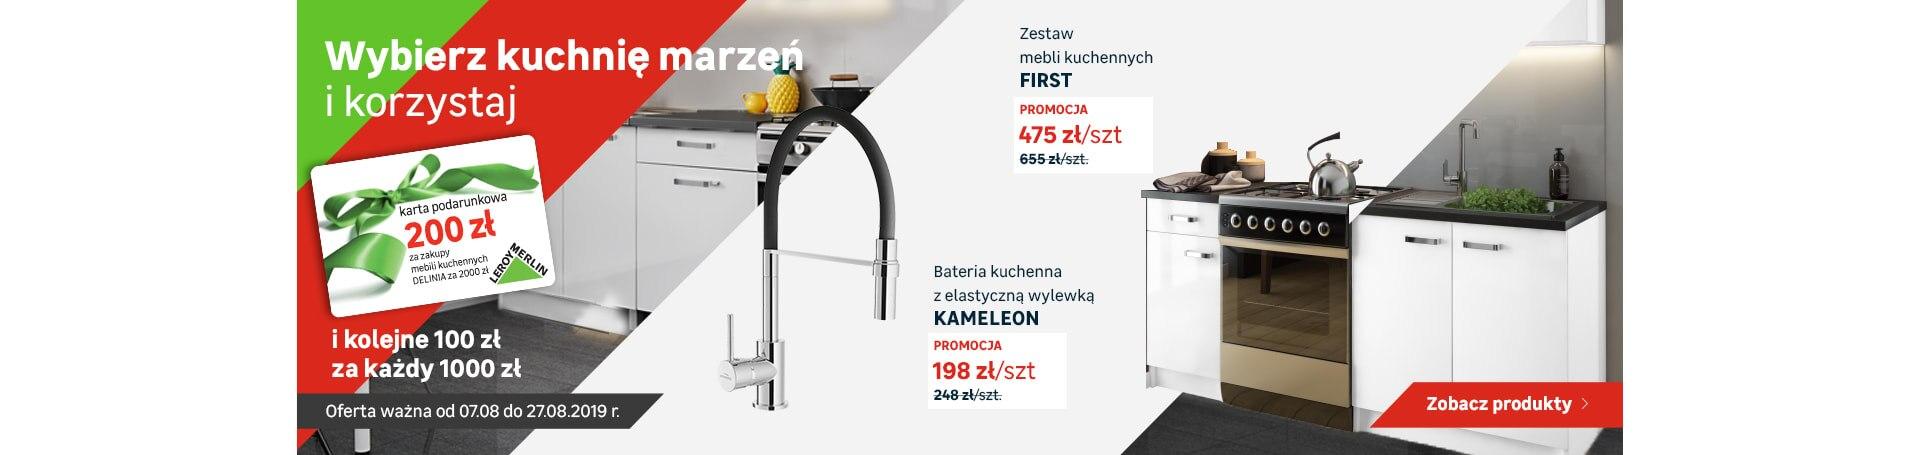 rr-kuchnia-7-19.08.2019-1323x455